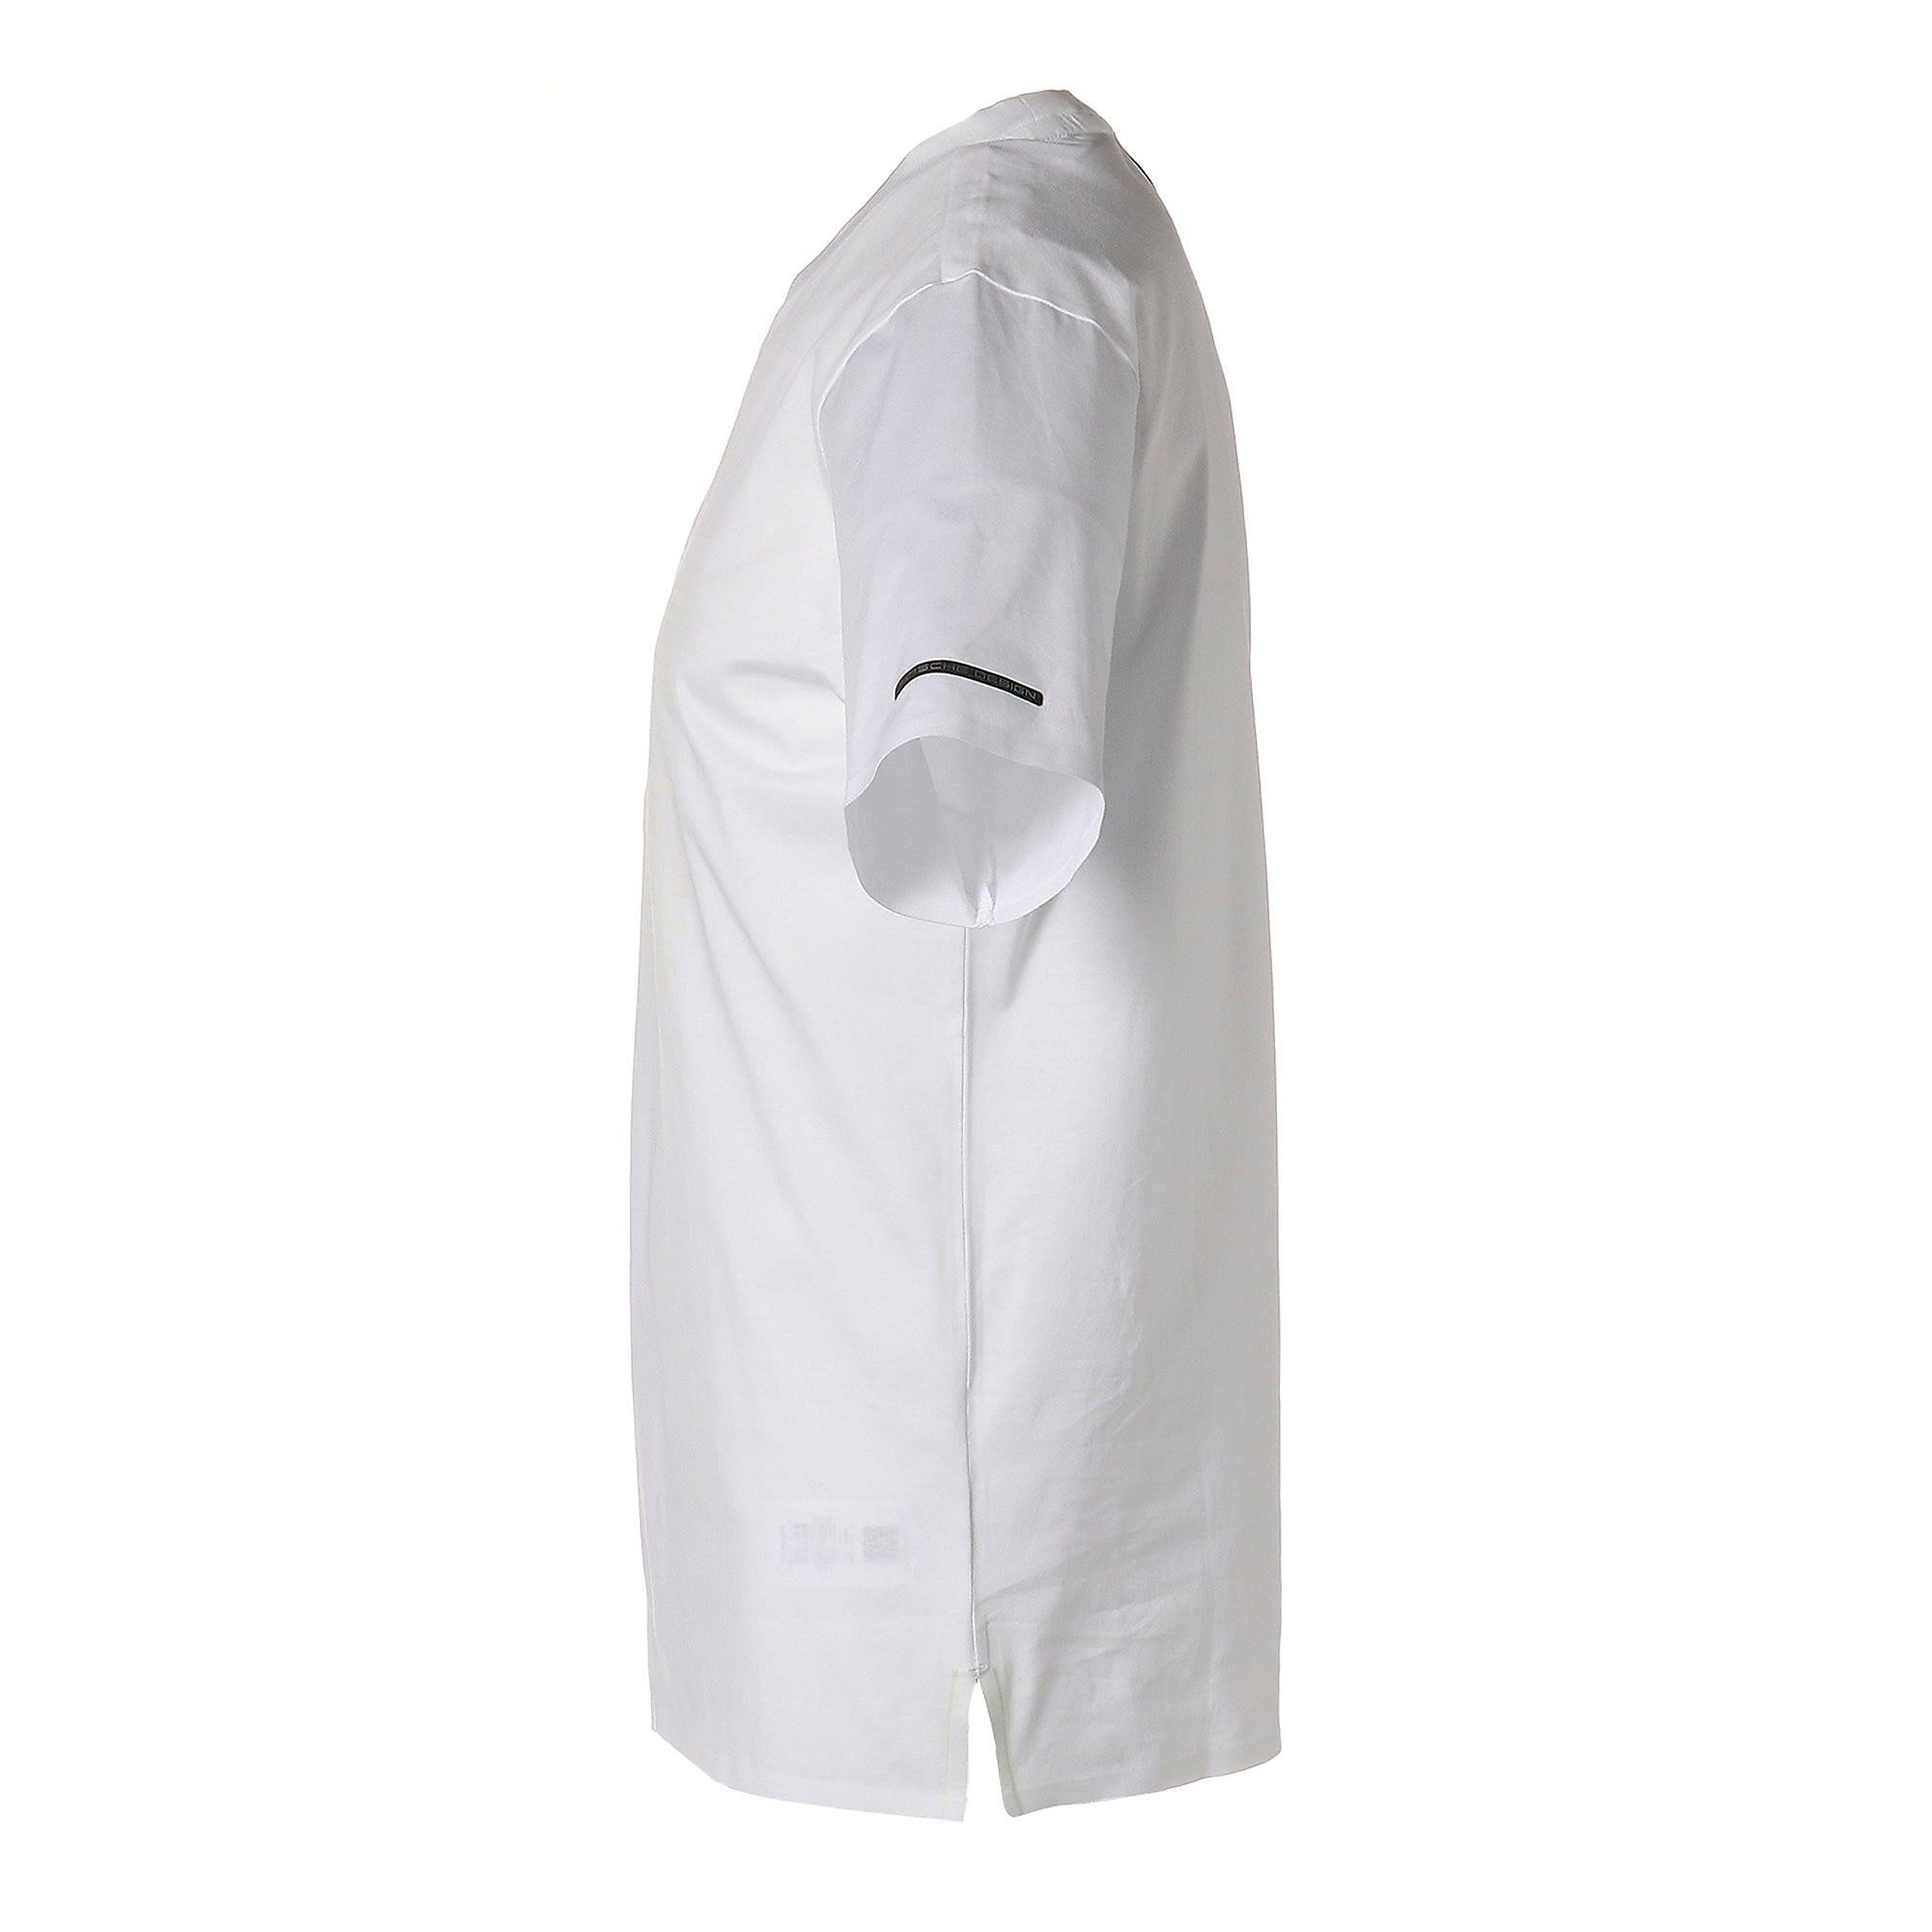 Thumbnail 5 of M ポルシェデザイン PD グラフィック Tシャツ, Puma White, medium-JPN